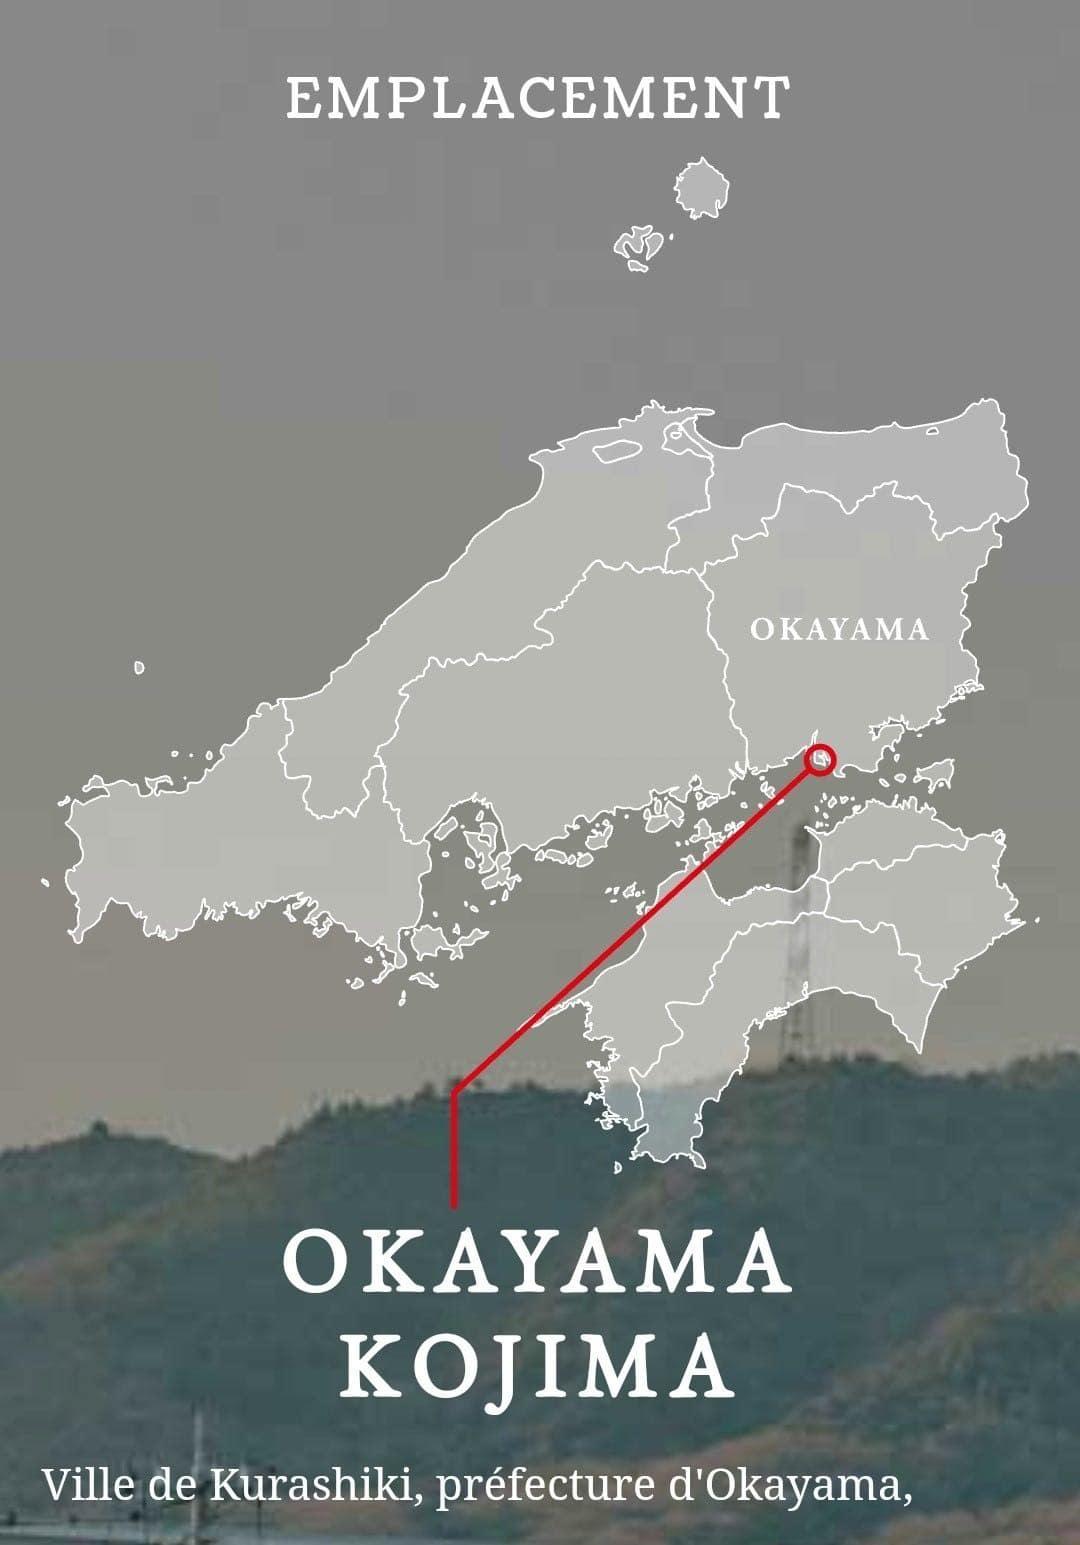 Lieu de production des vêtements de la marque Hatski, Okayama berceau du jean japonais